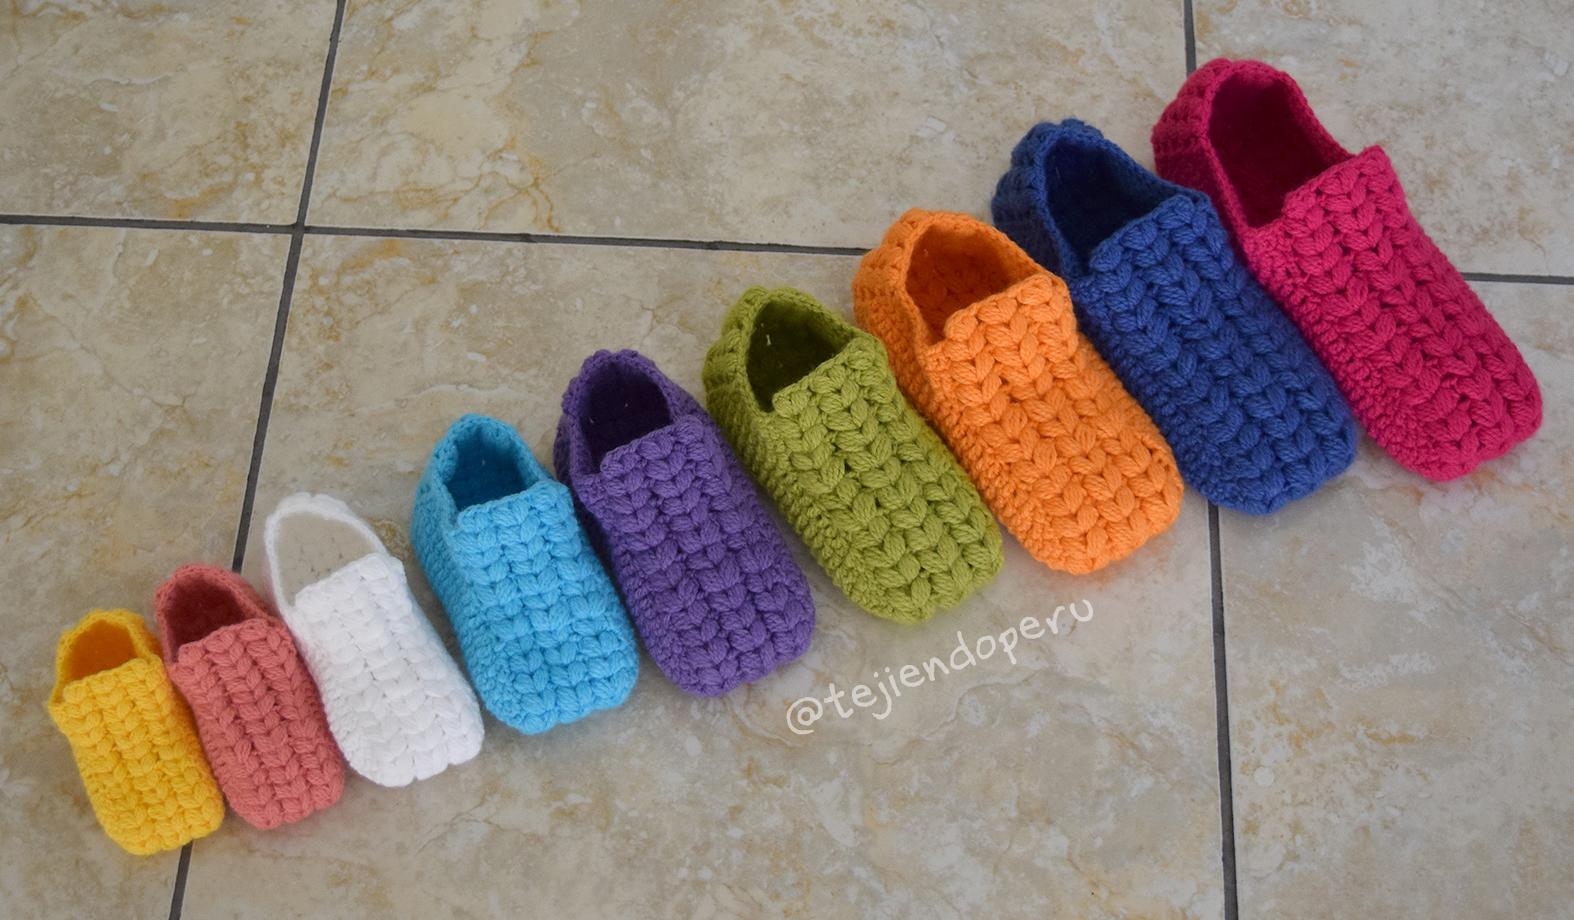 f6fb7ccc0 Zapatos o pantuflas con trenzas gorditas - Tejiendo Perú